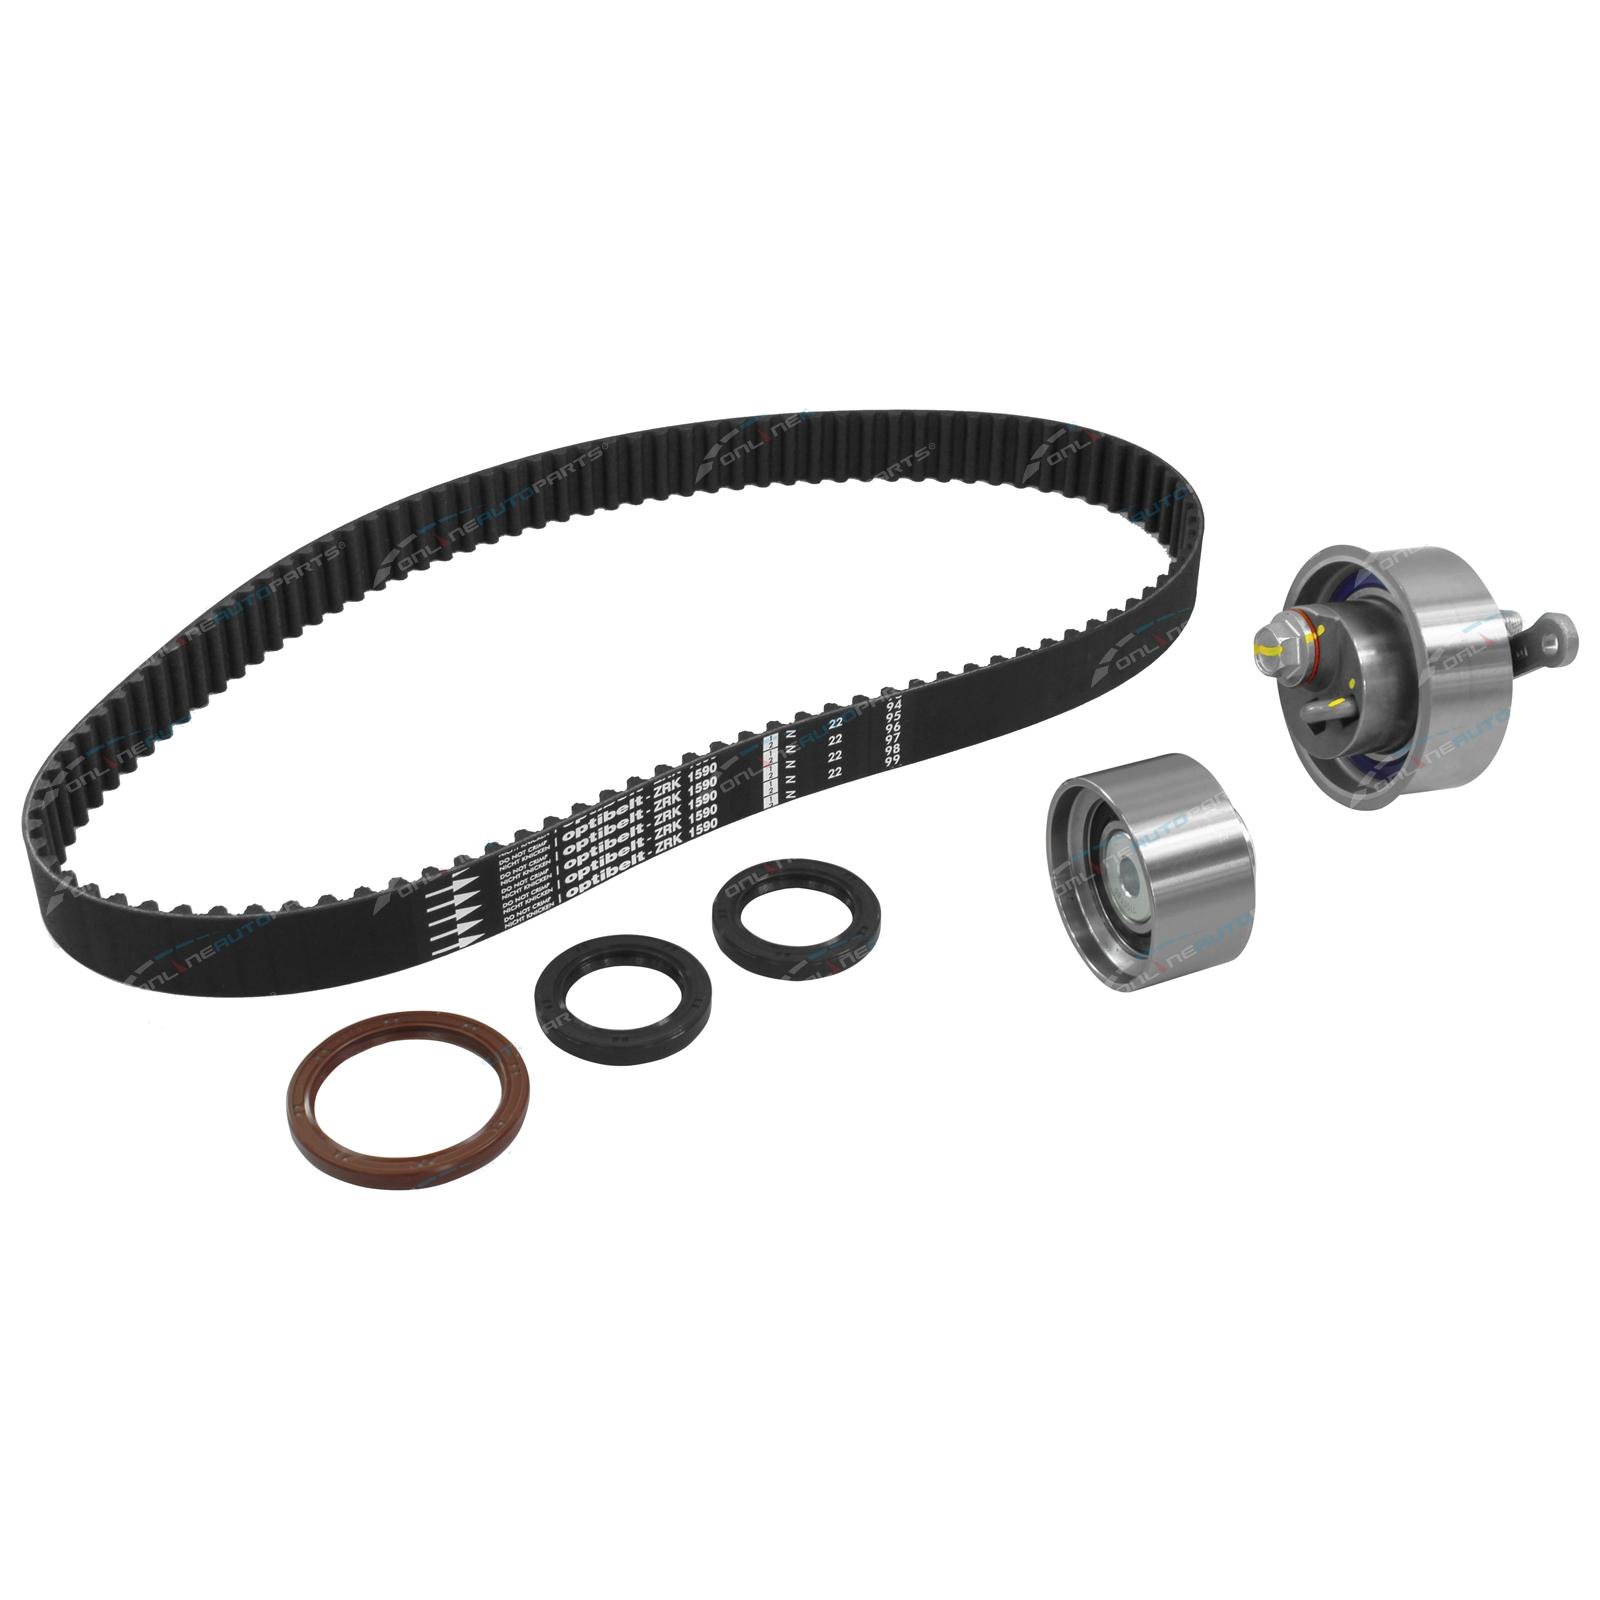 Timing Belt + Tensioner Kit Mazda BT50 B2500 B3000 2006-2011 4cyl WLAT 2 5L  WEAT 3 0L Turbo Diesel